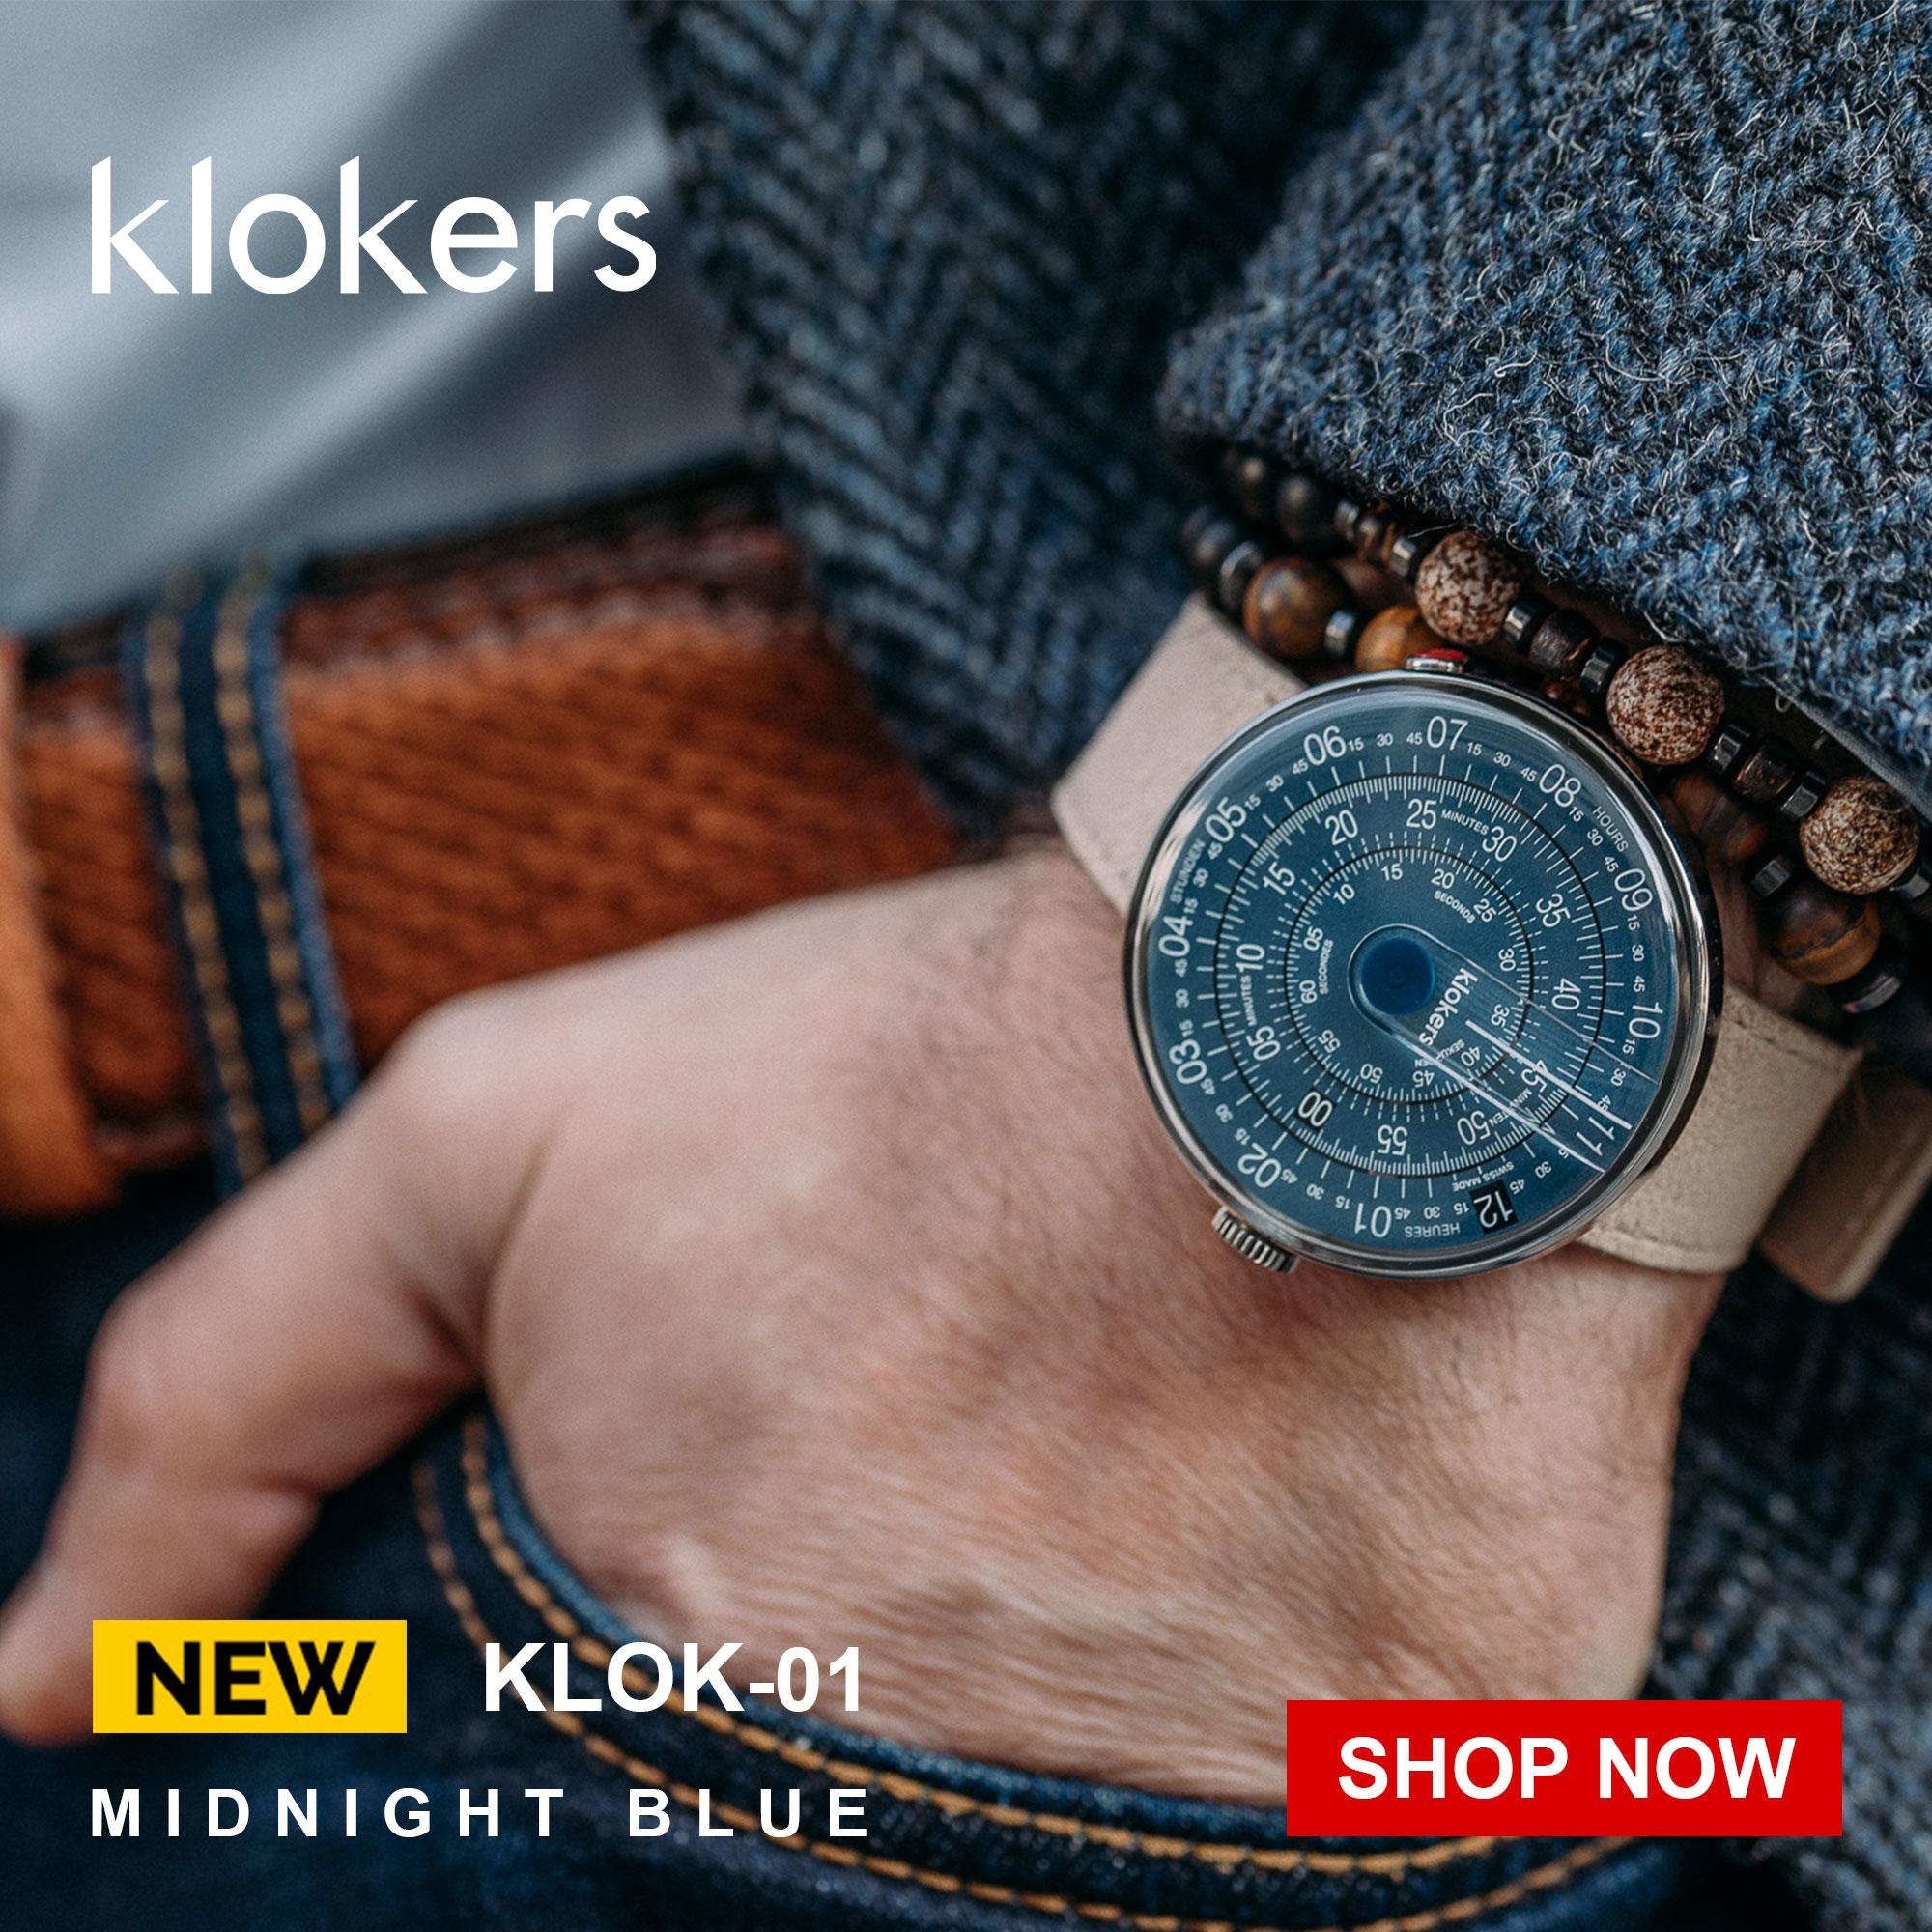 klokers ,KLOK-01-D7,午夜藍,Ultra Gears